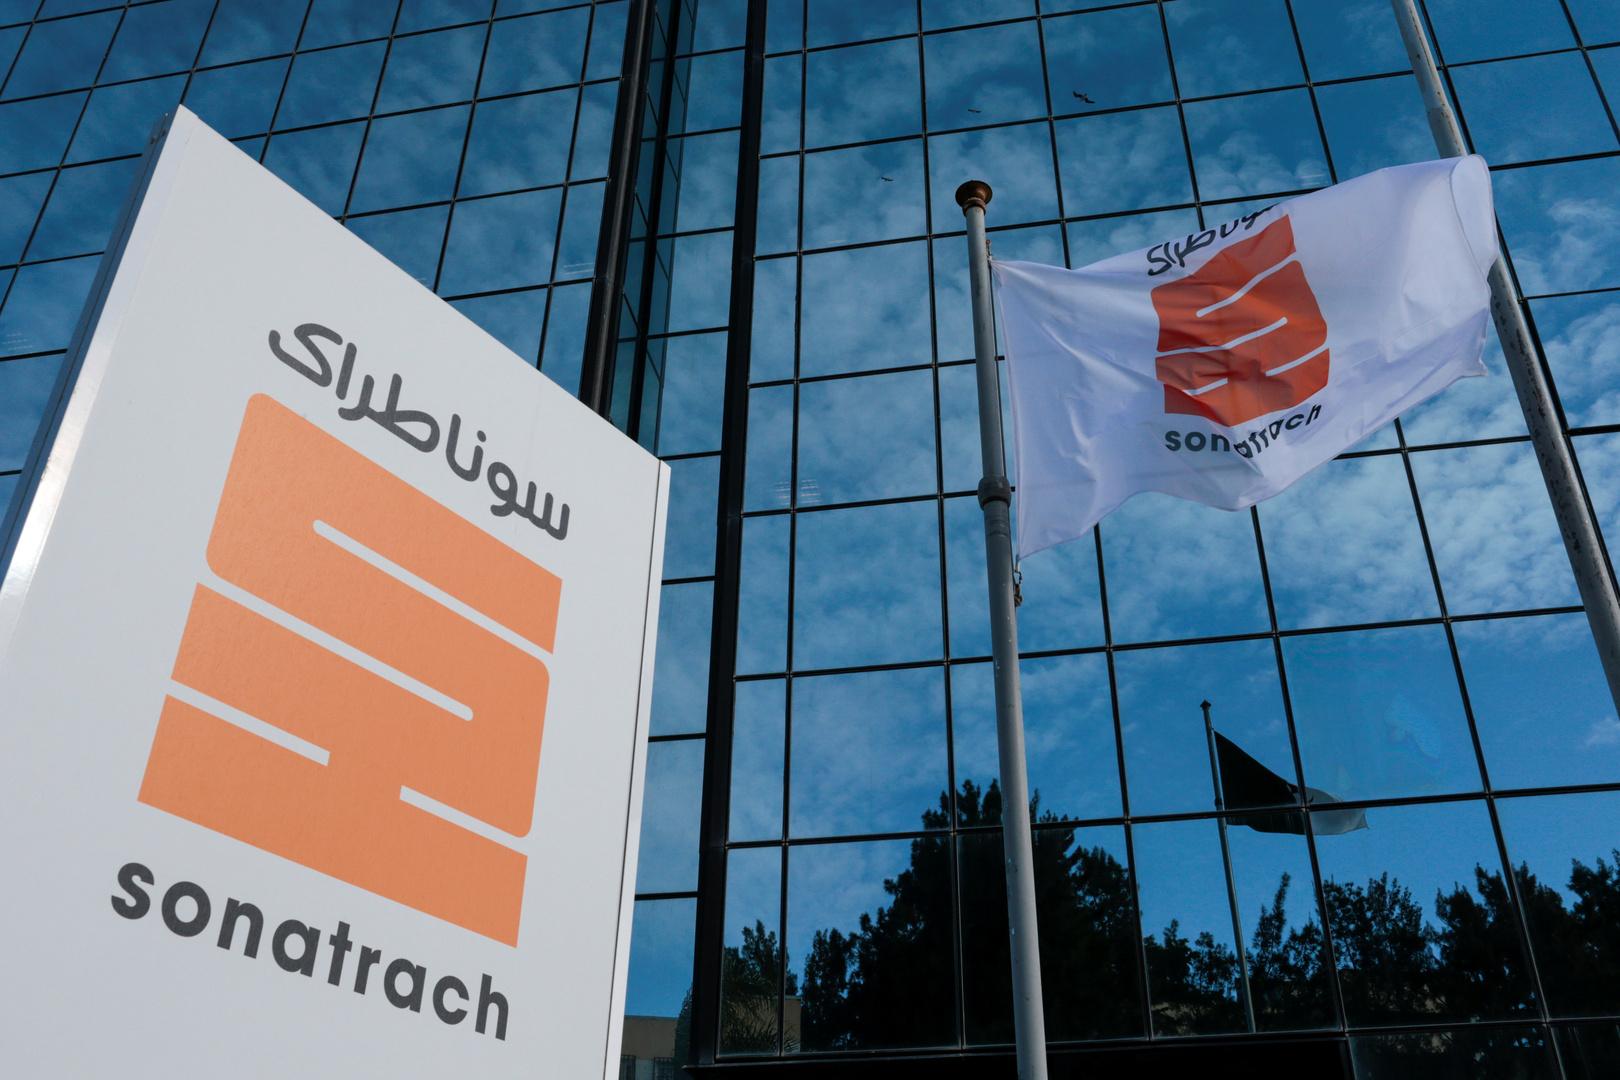 مقر شركة الطاقة الوطنية الجزائرية